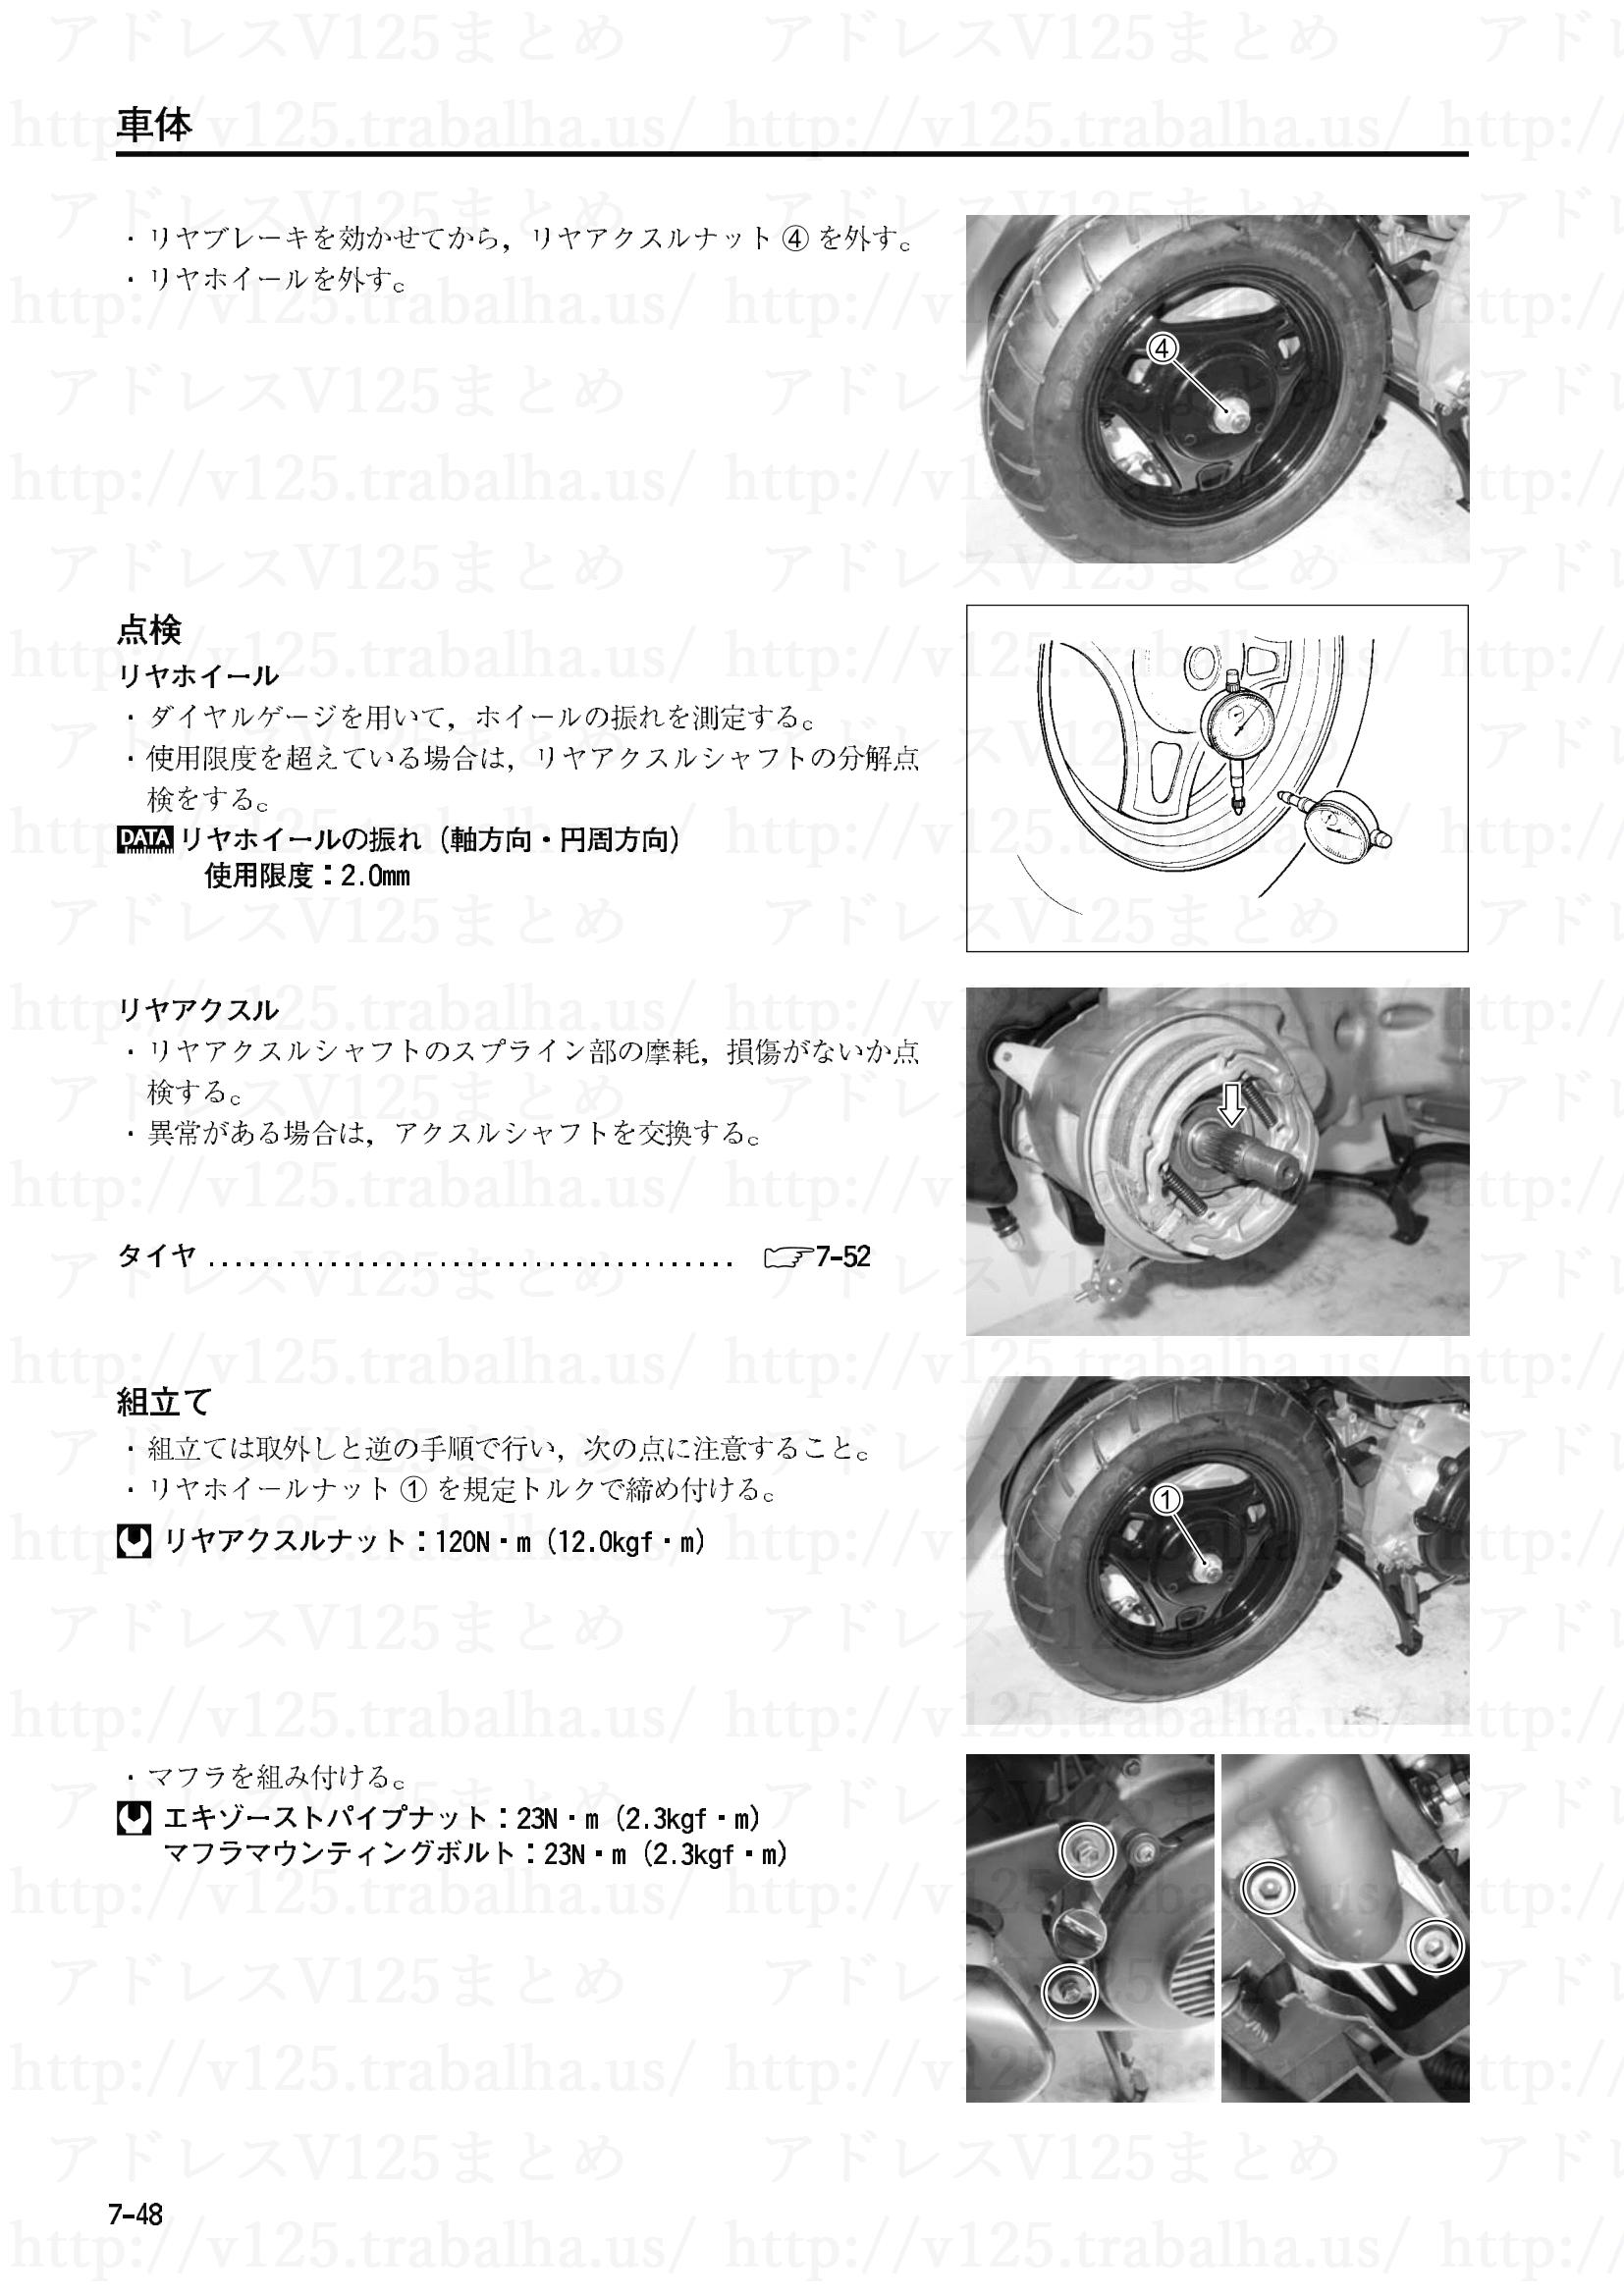 7-48【車体】リヤホイールの点検